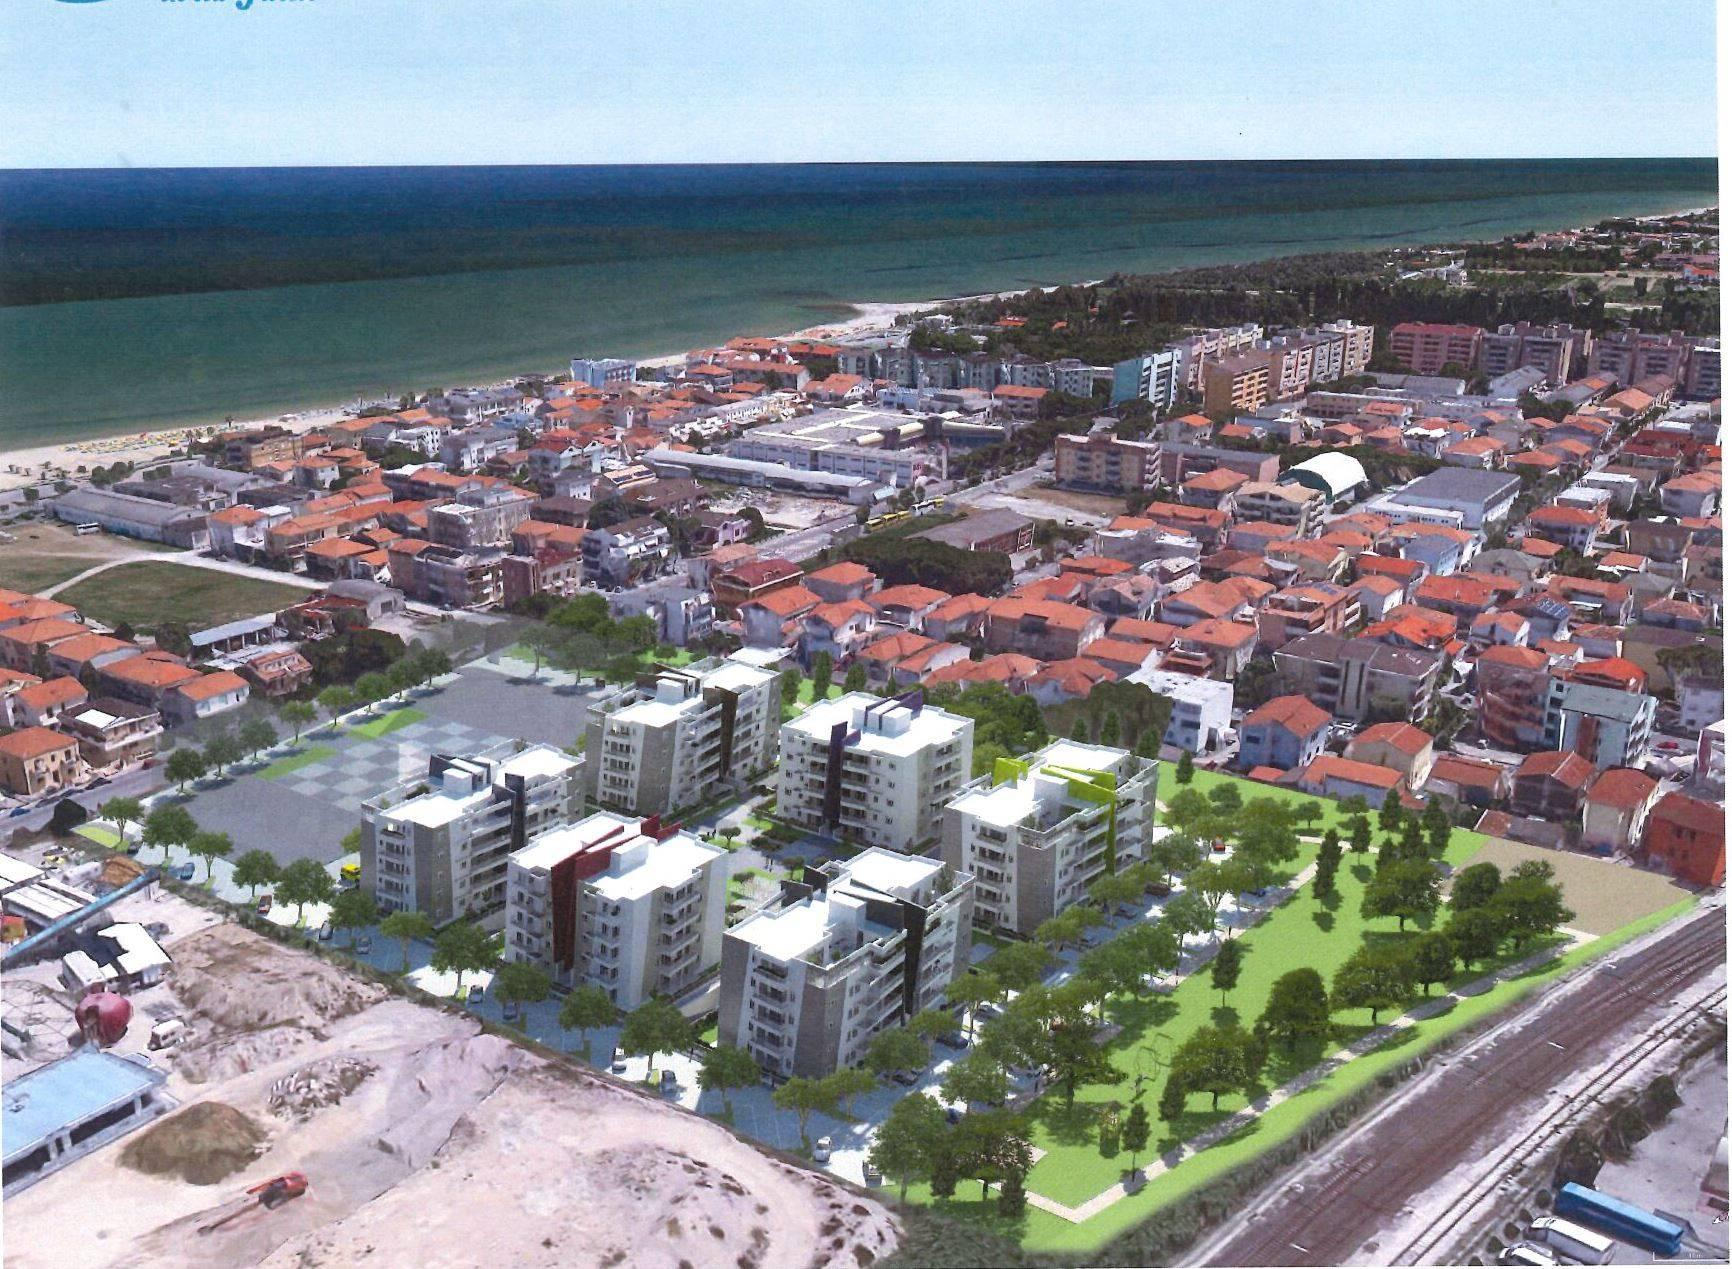 Appartamento in vendita a Giulianova, 2 locali, zona Località: centro, prezzo € 136.000   PortaleAgenzieImmobiliari.it